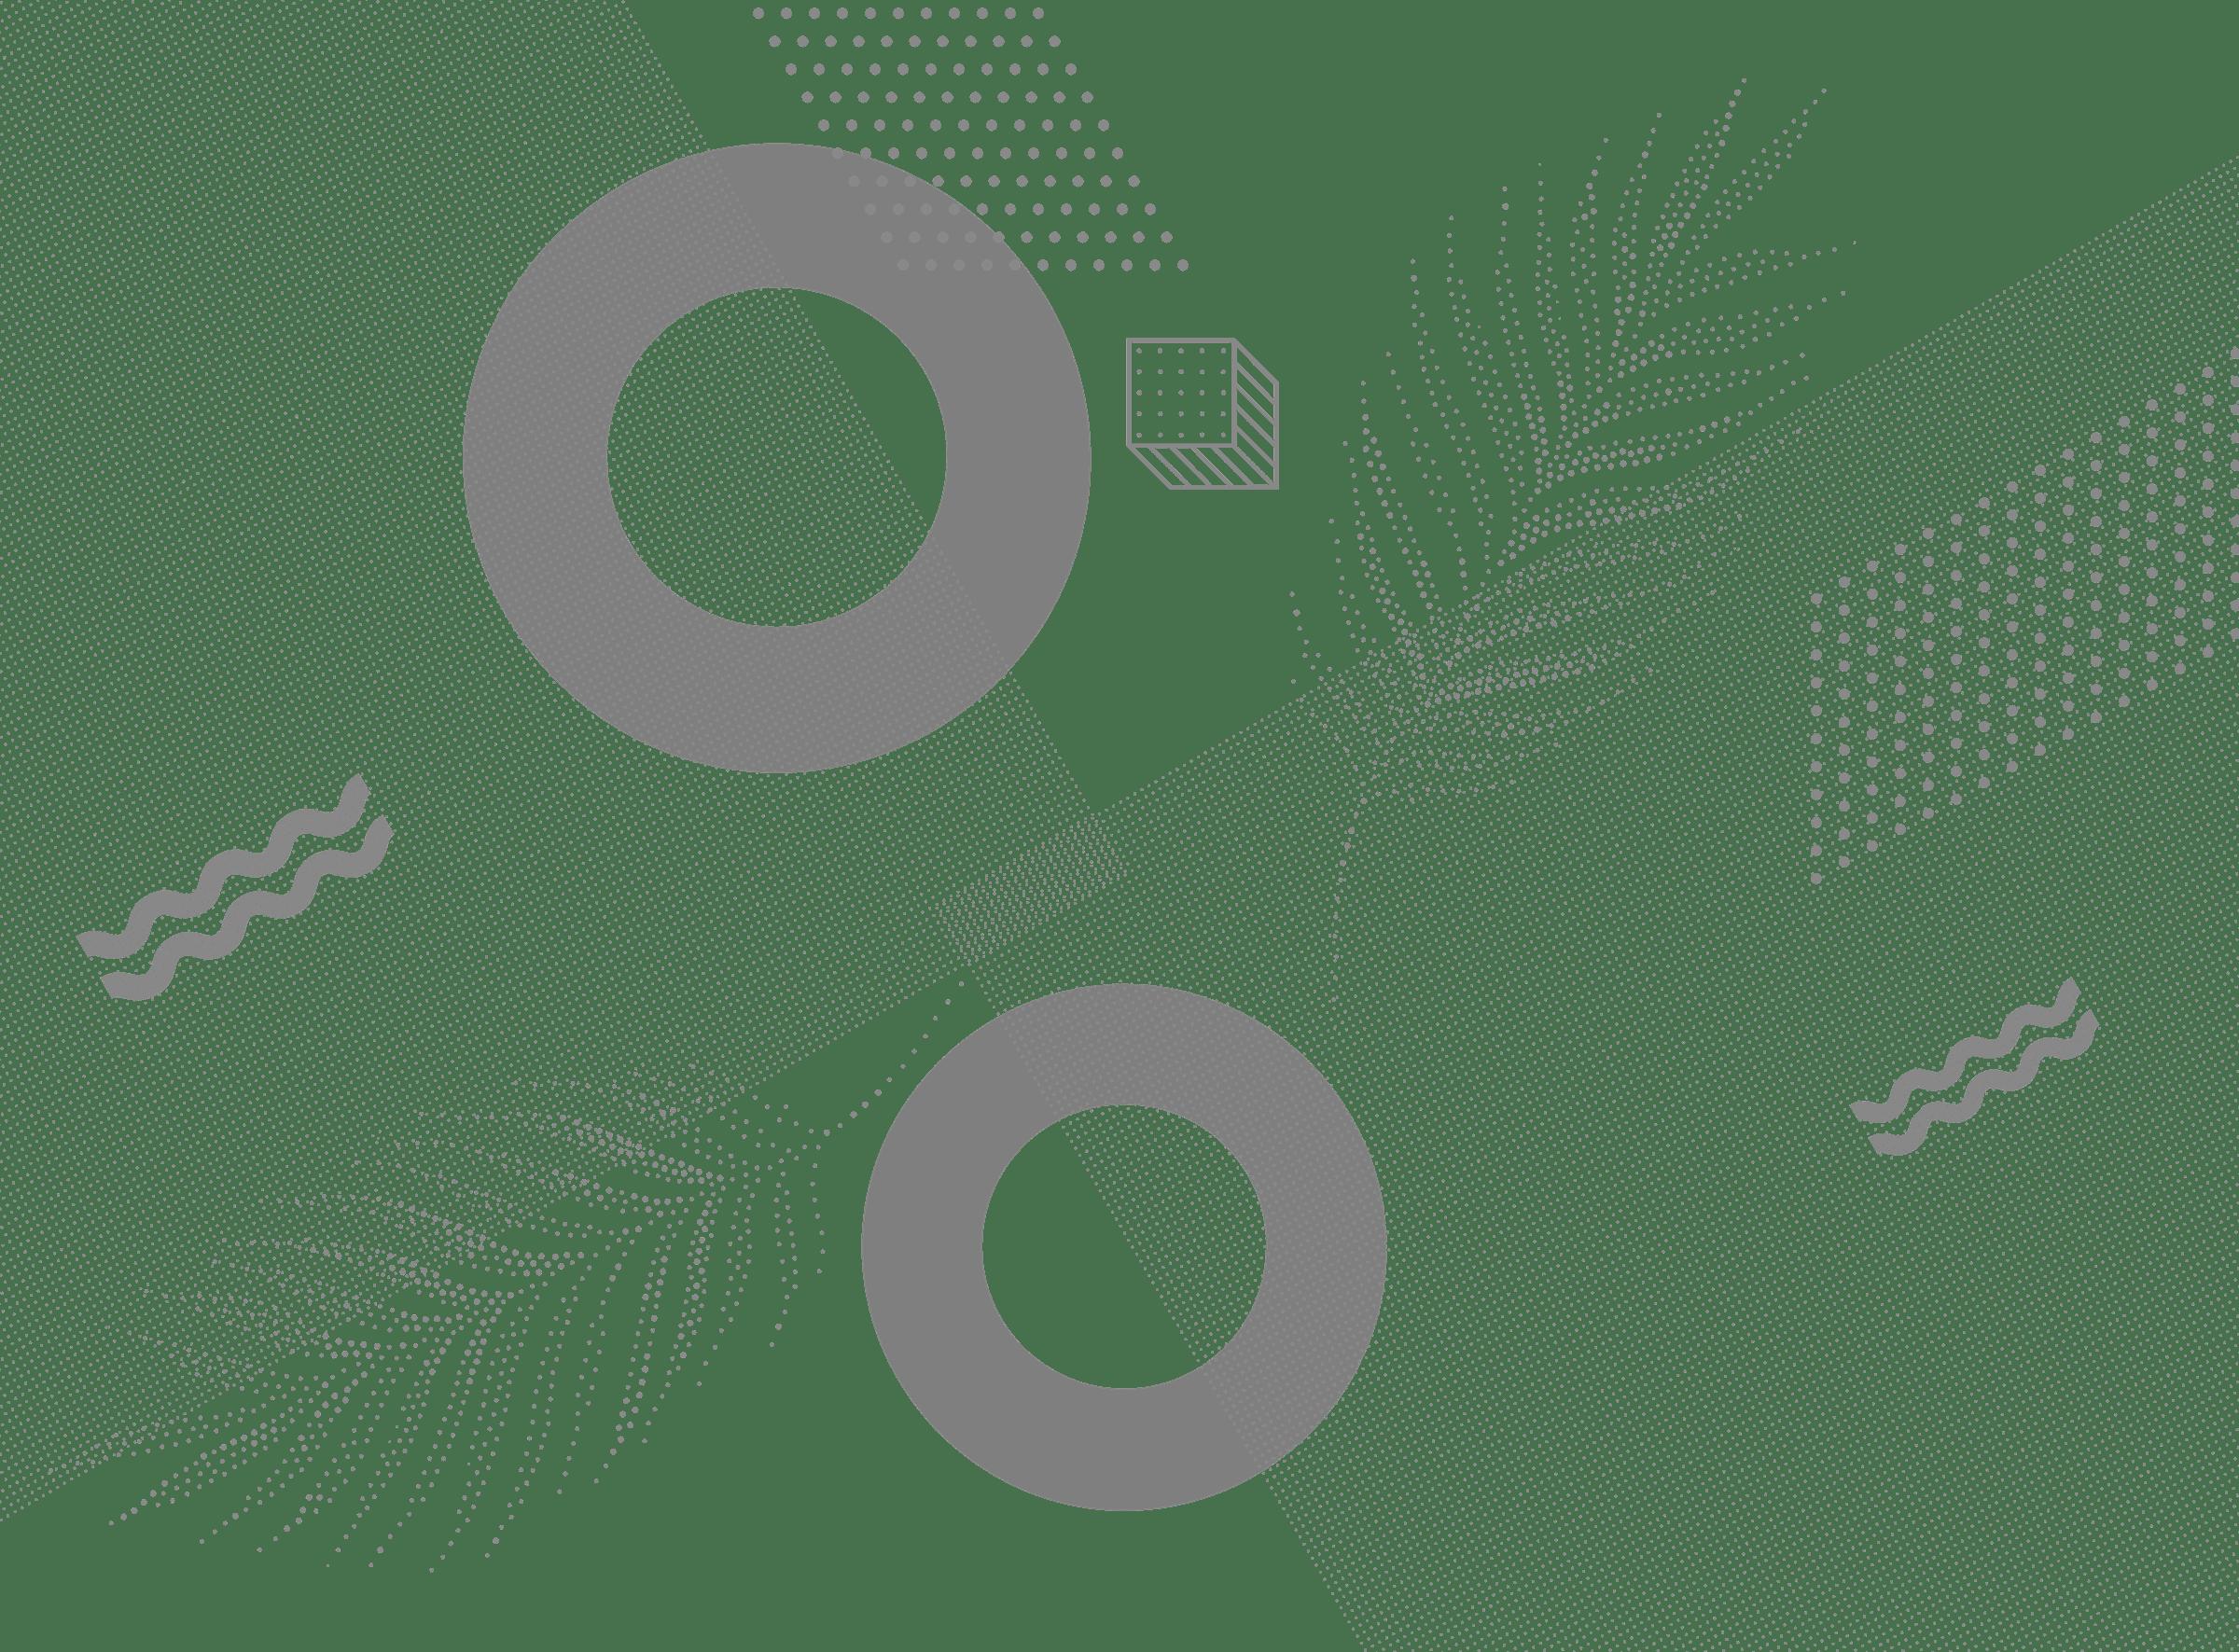 Devatium - background